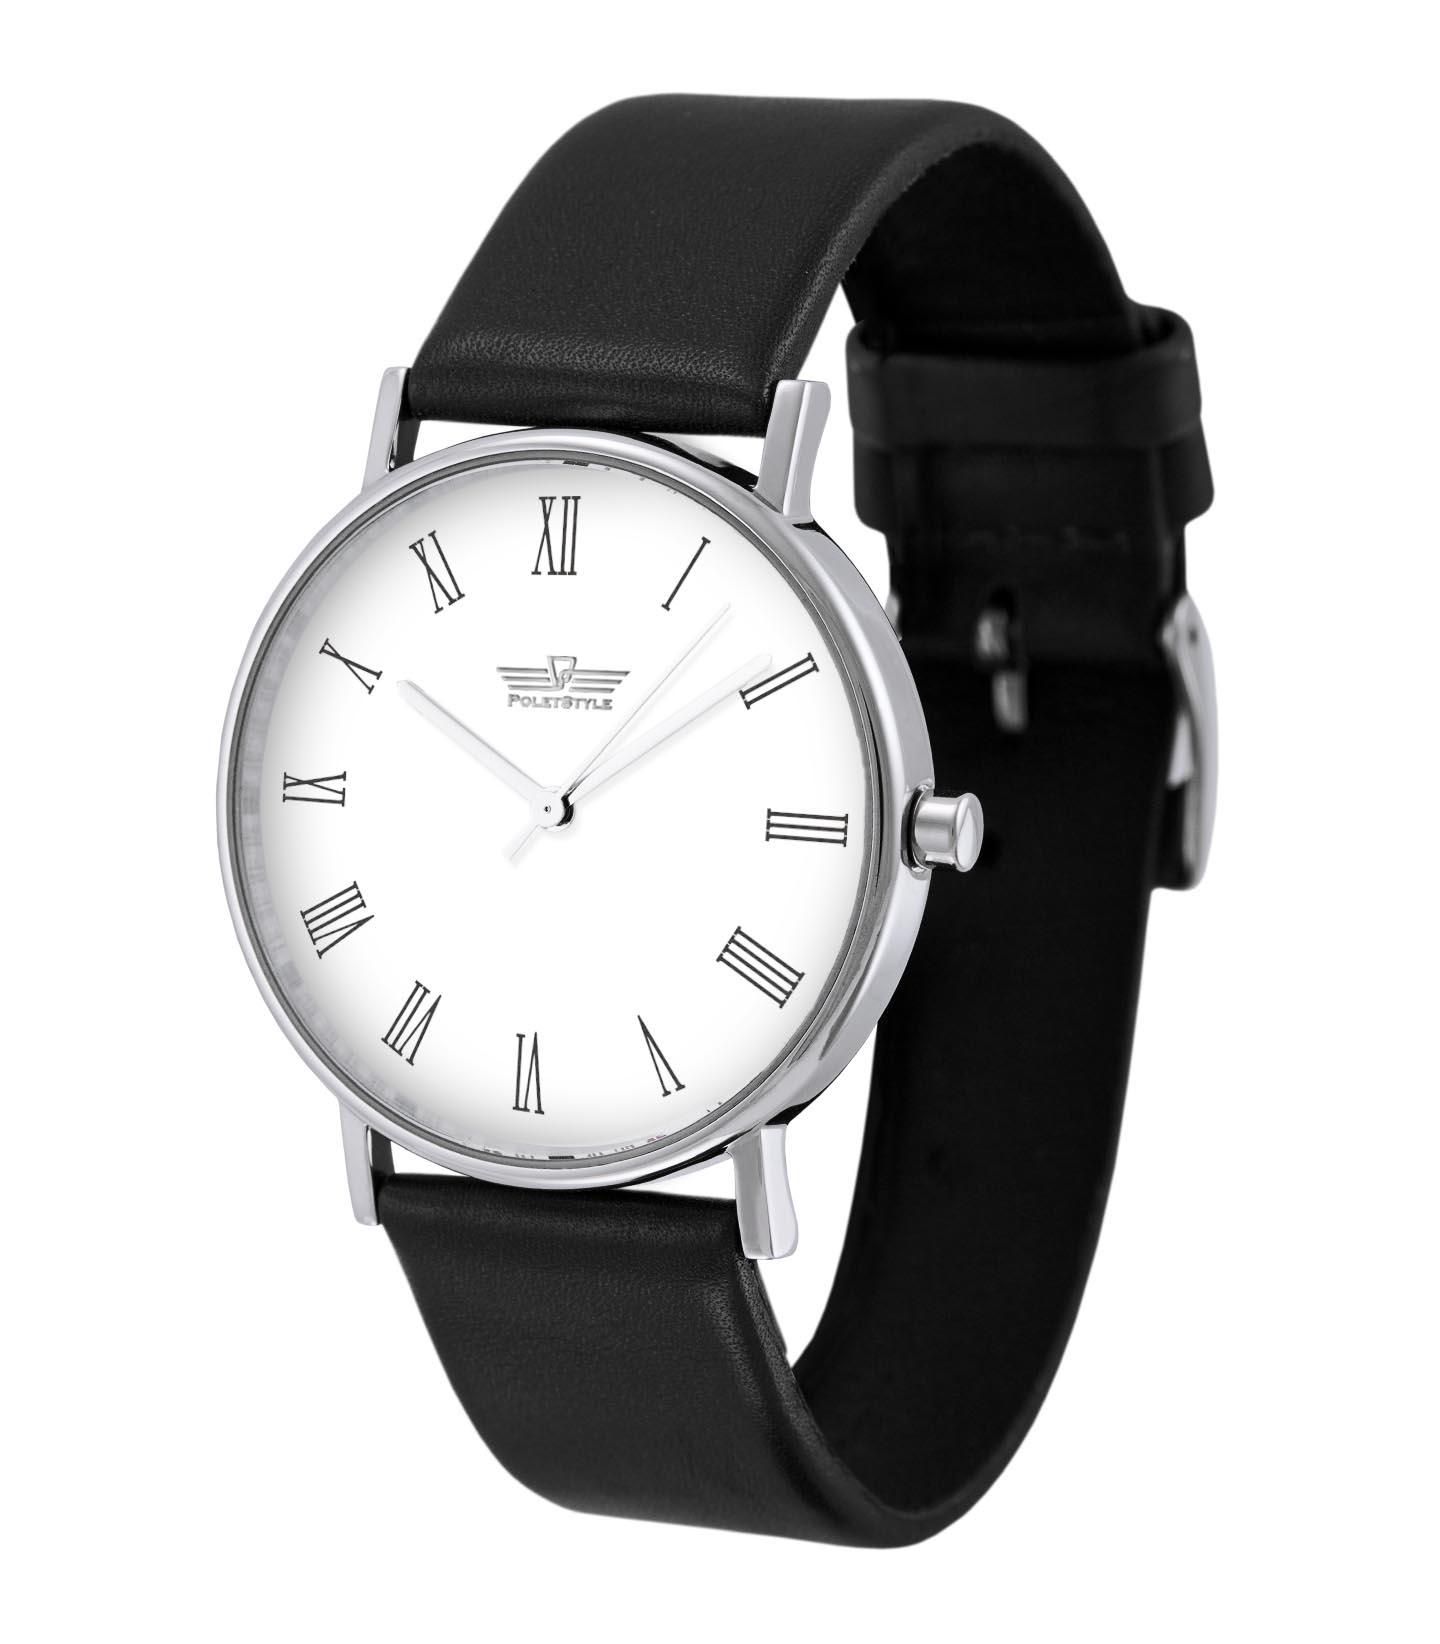 Купить часы в смоленске наручные мужские